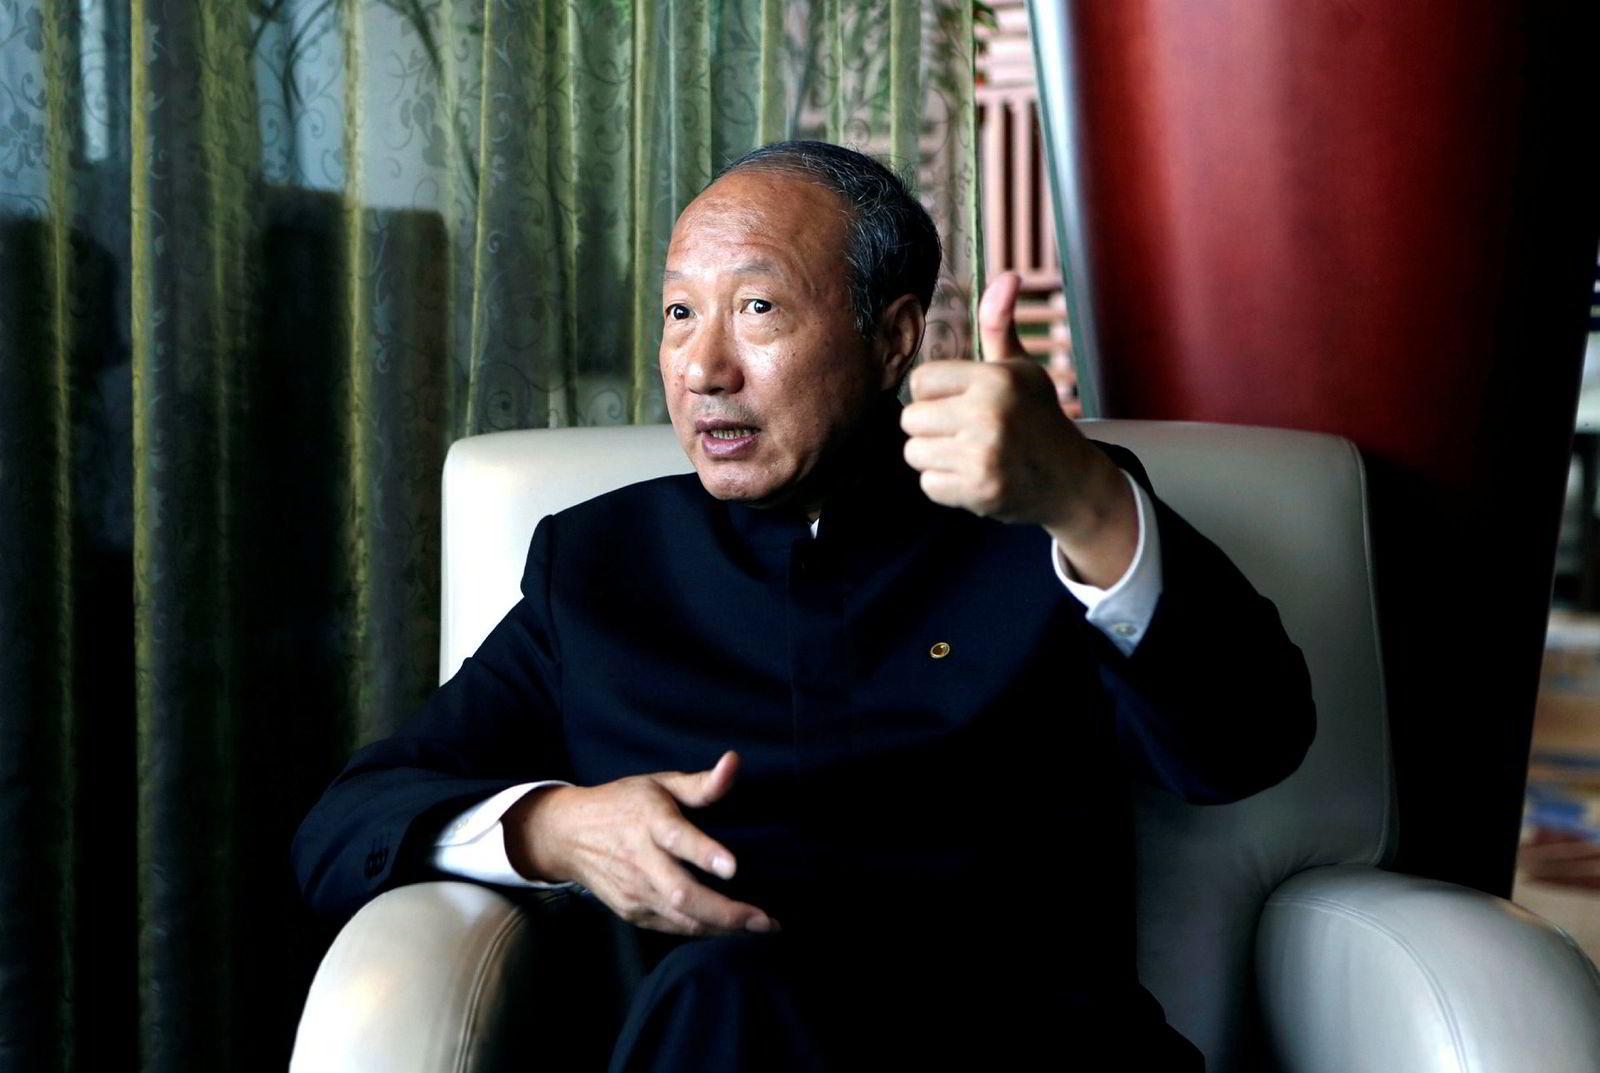 Den kinesiske entreprenøren Chen Feng har bygget opp et av Kinas største privatkontrollerte konglomerater med massiv gjeld og halsbrekkende investeringer. Nå er det full stopp. Gjelden skal reduseres. Eiendommer og aksjer selges.